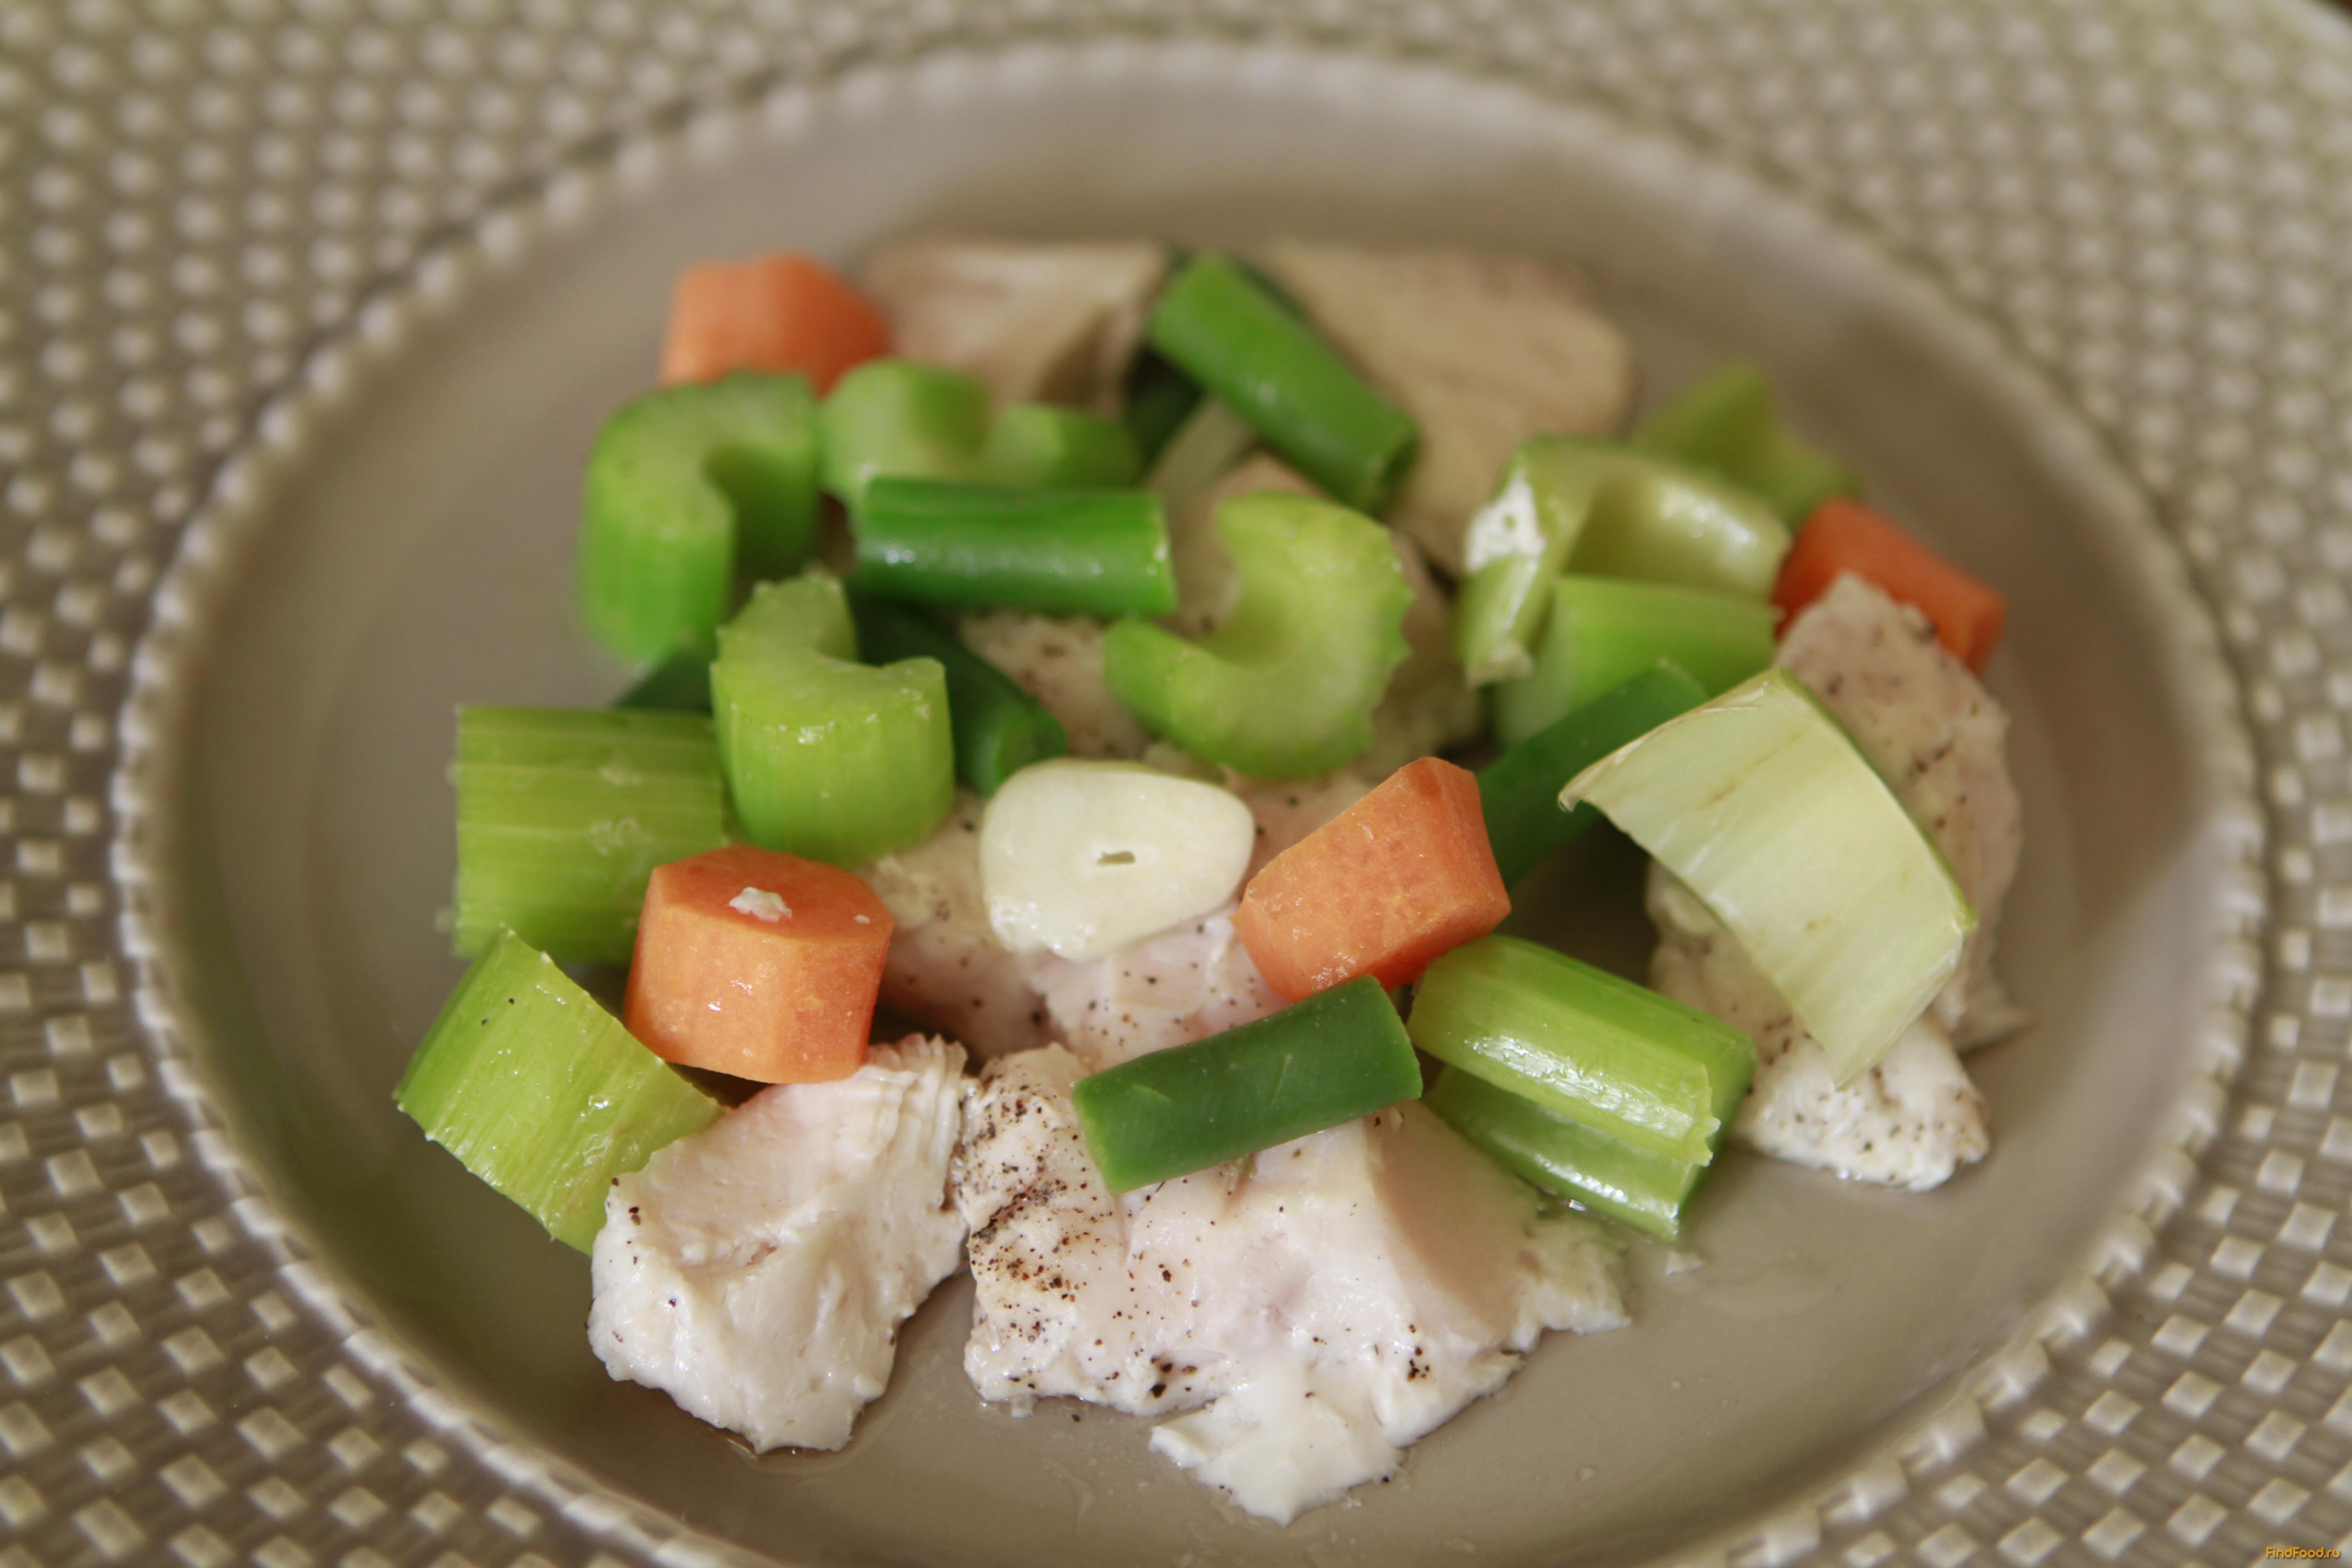 рецепт приготовления вкусного супа из сельдерея